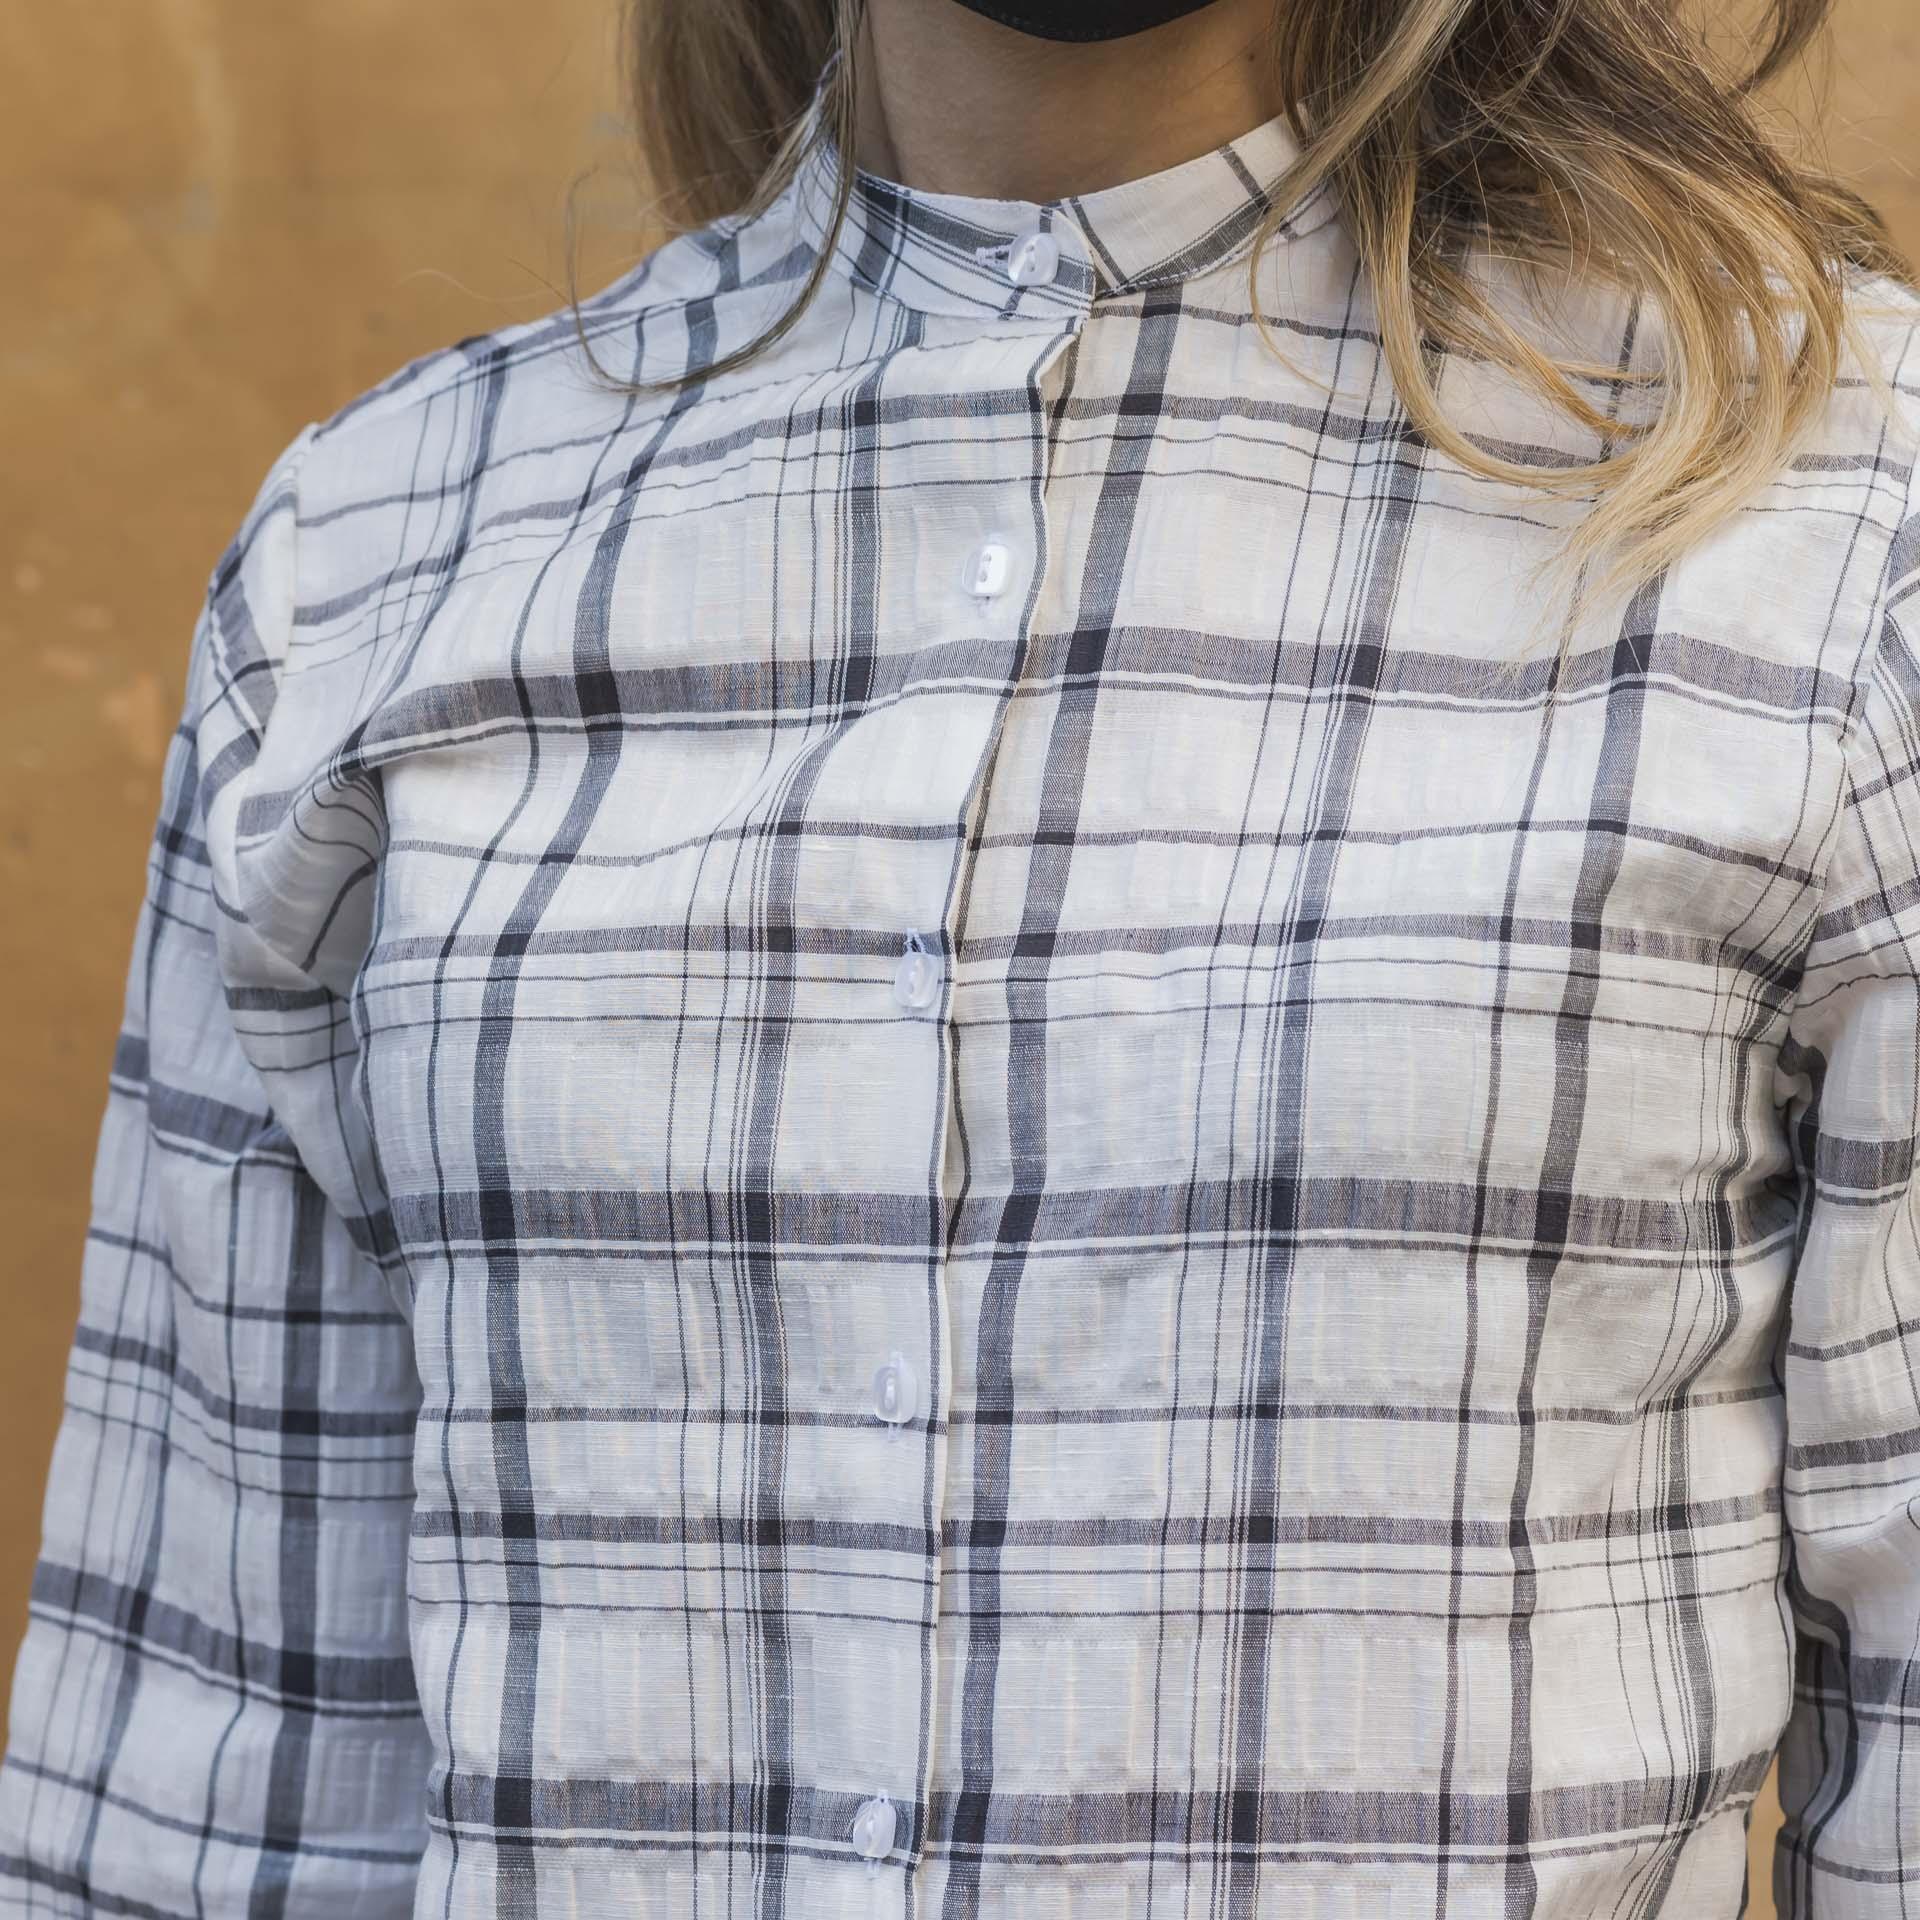 Hang On camicia quadri cotone (2)